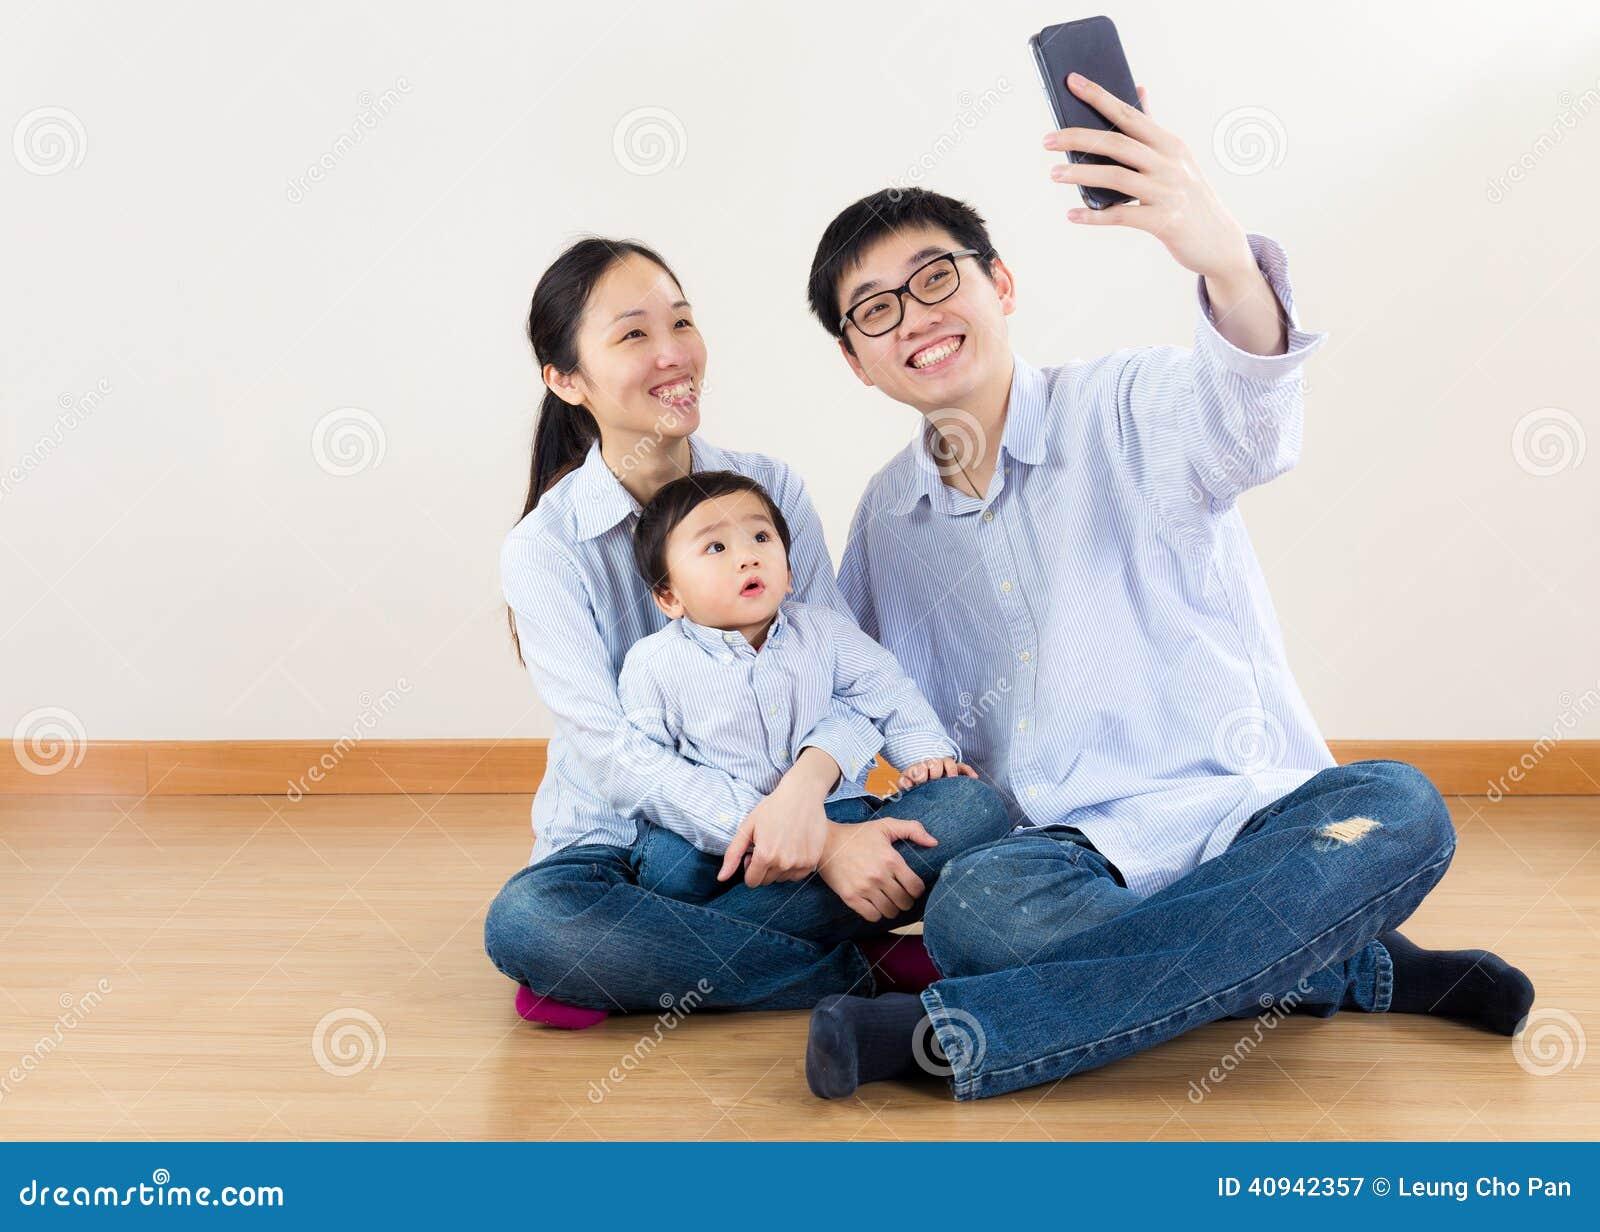 Asien-Familie selfie